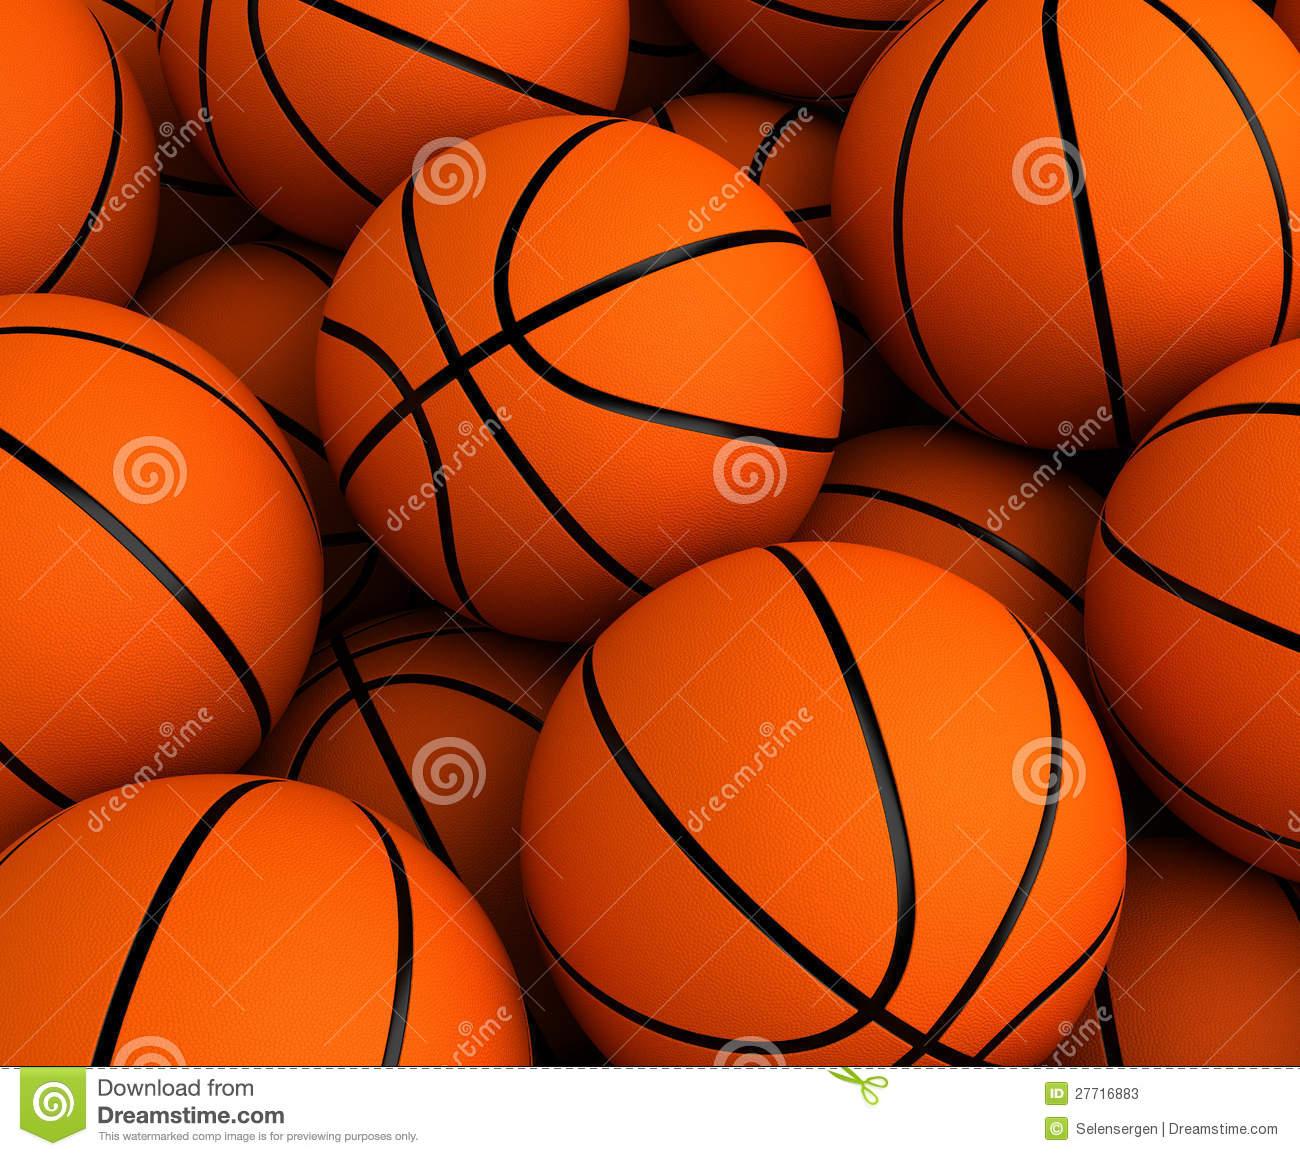 Basketball Background Stock Photos - Image: 27716883